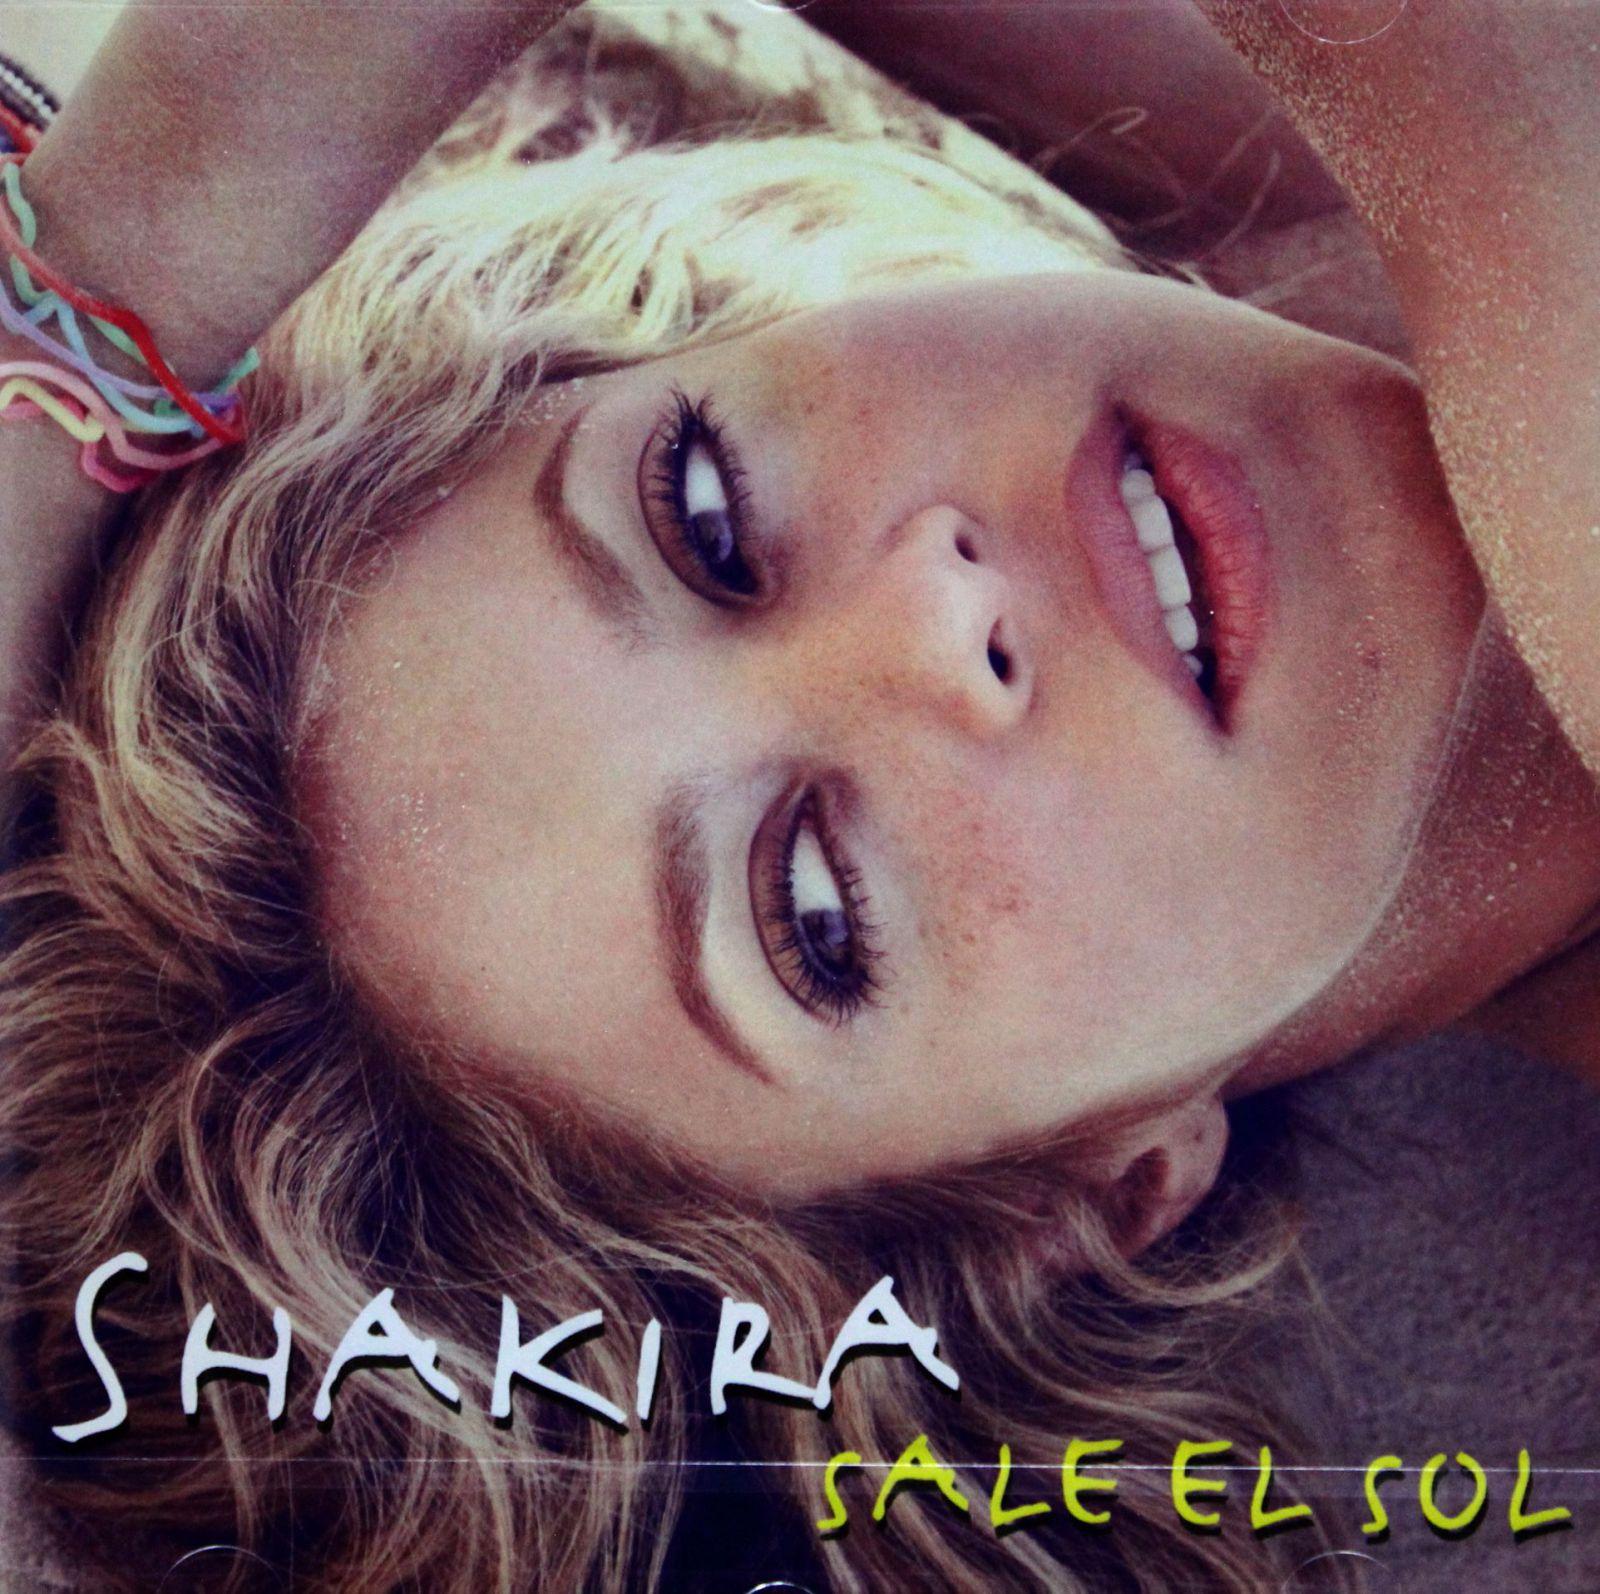 93619c95be SHAKIRA: SALE EL SOL [CD] - 5578475787 - oficjalne archiwum allegro